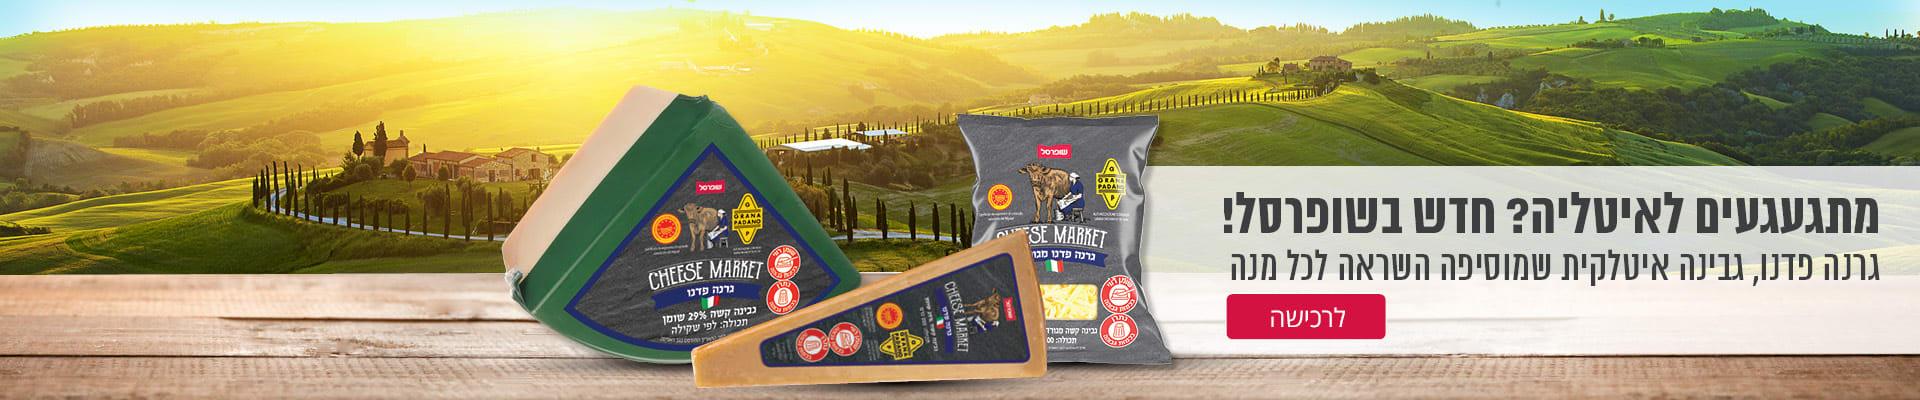 מתגעגעים לאיטליה? חדש בשופרסל! גרנה פדנו גבינה איטלקית שמוספיה השראה לכל מנה